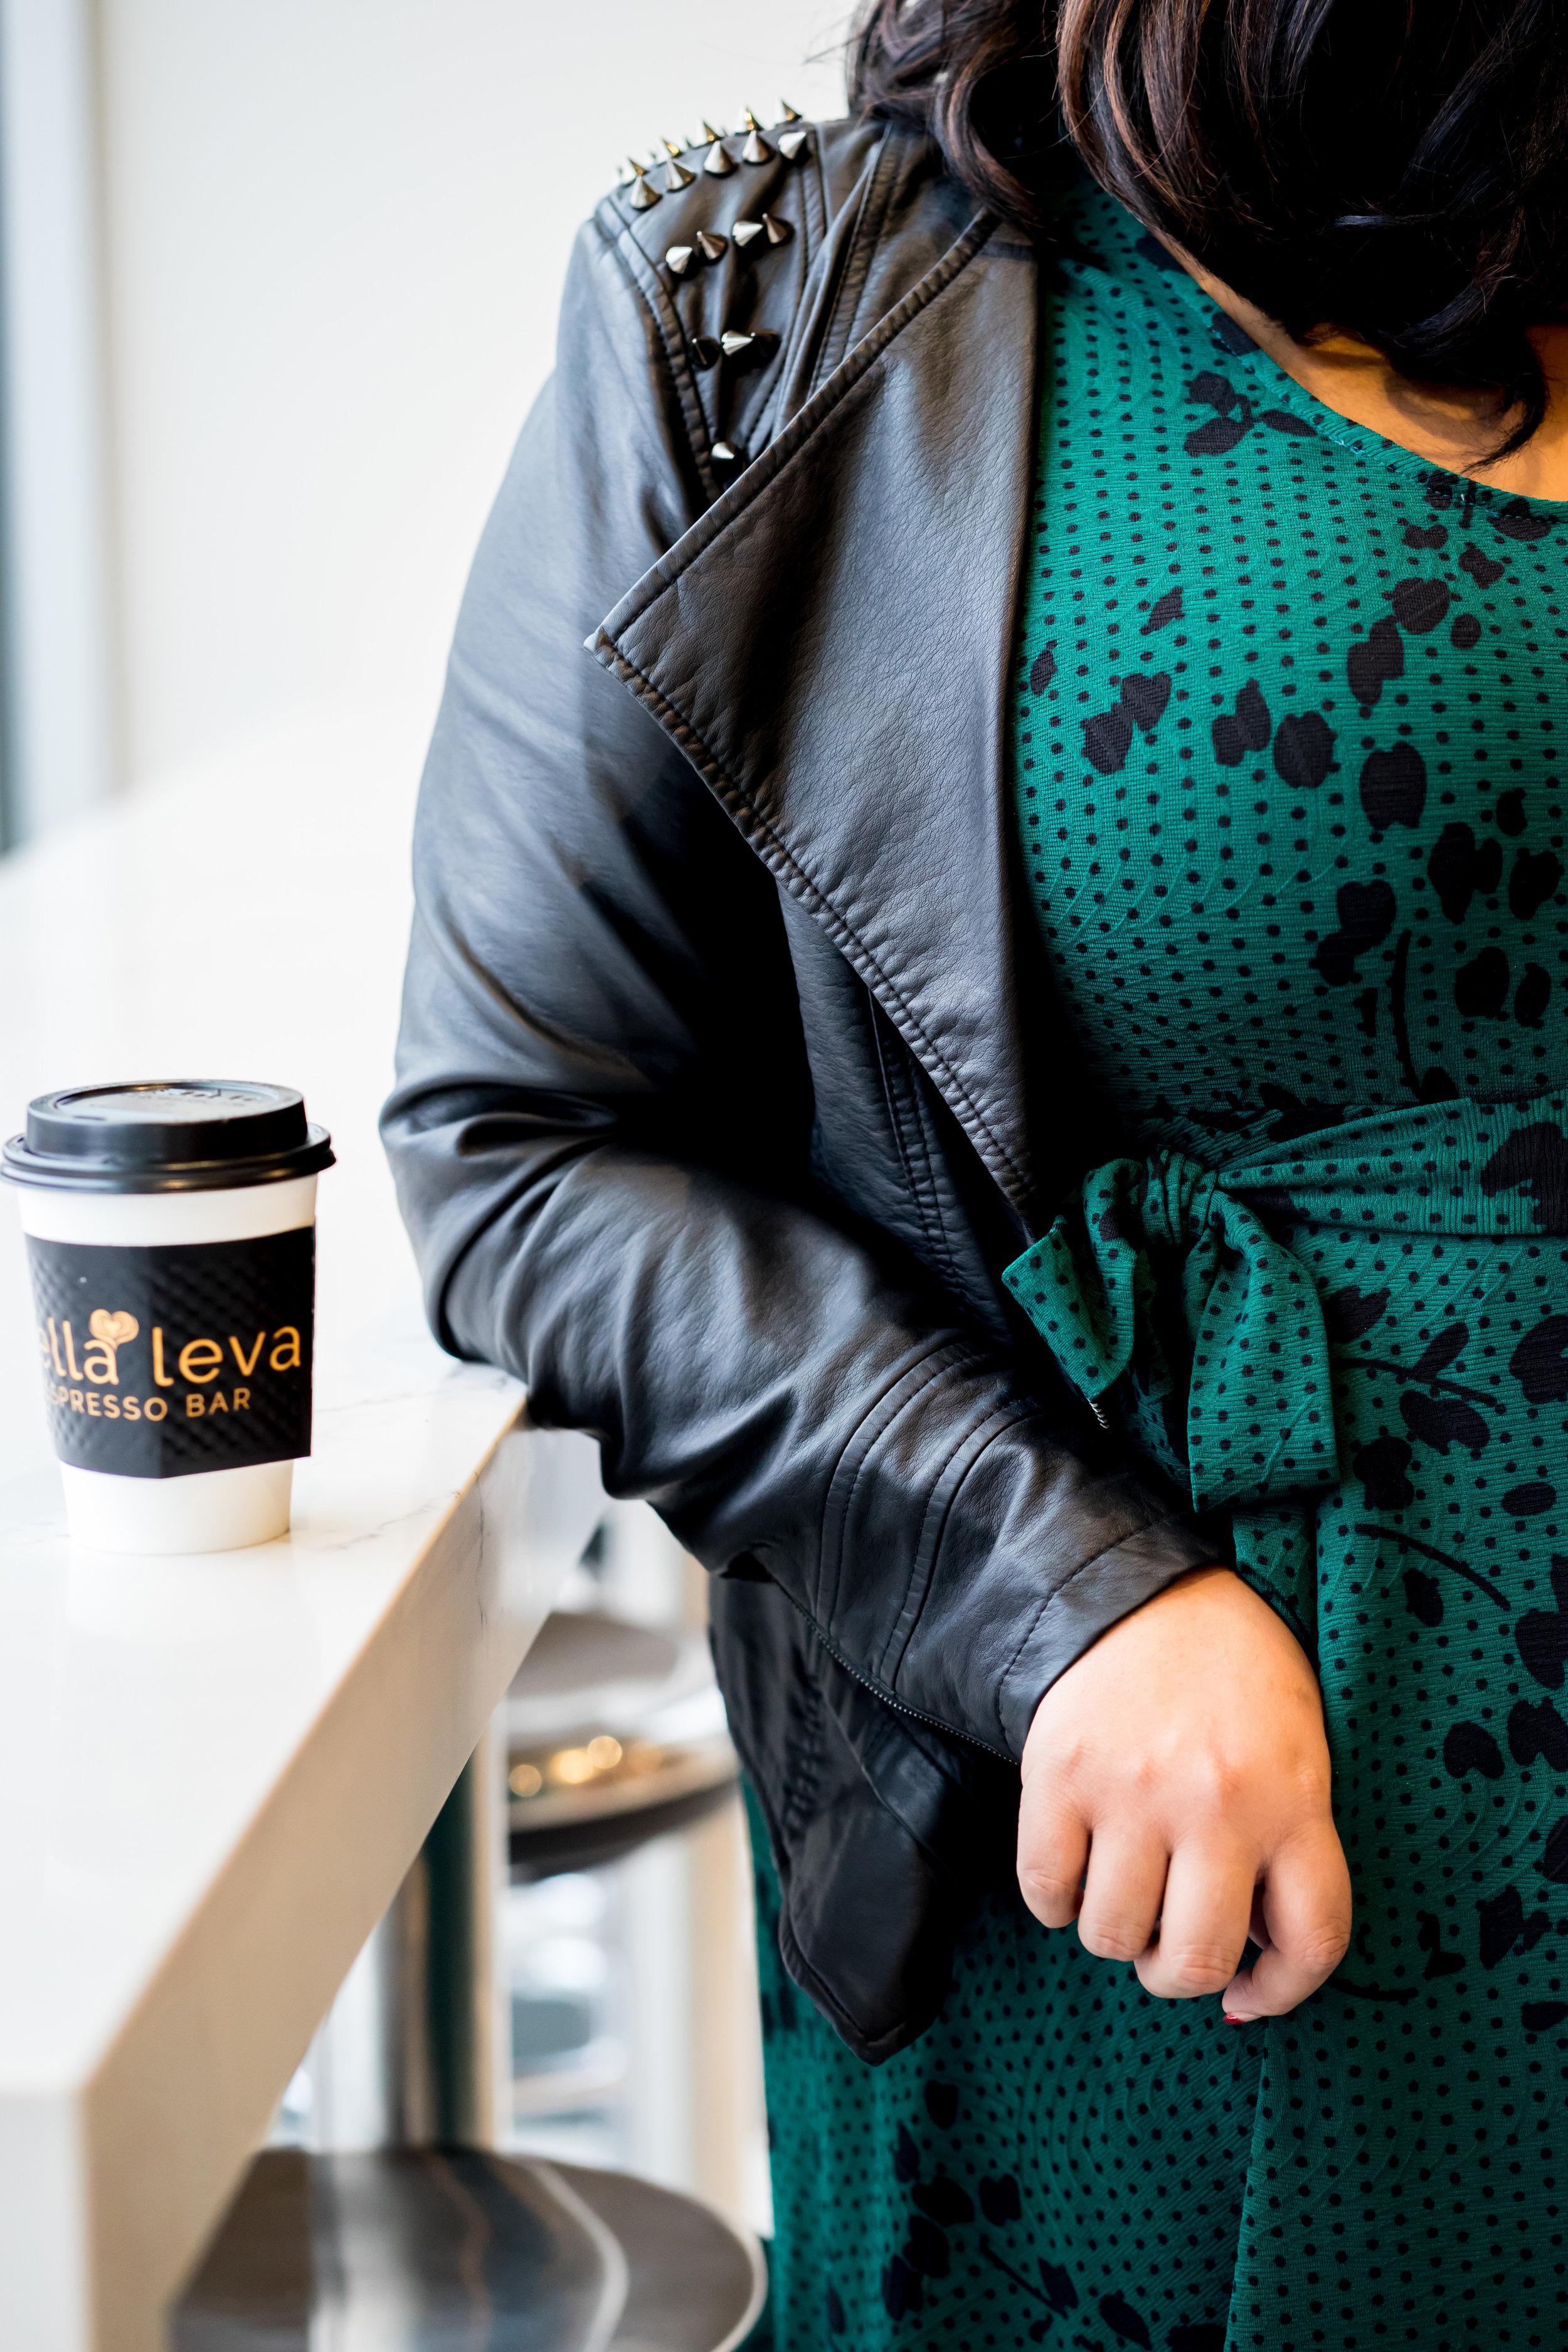 Eclectic Kurves_Della Leva Espresso Bar-17.jpg